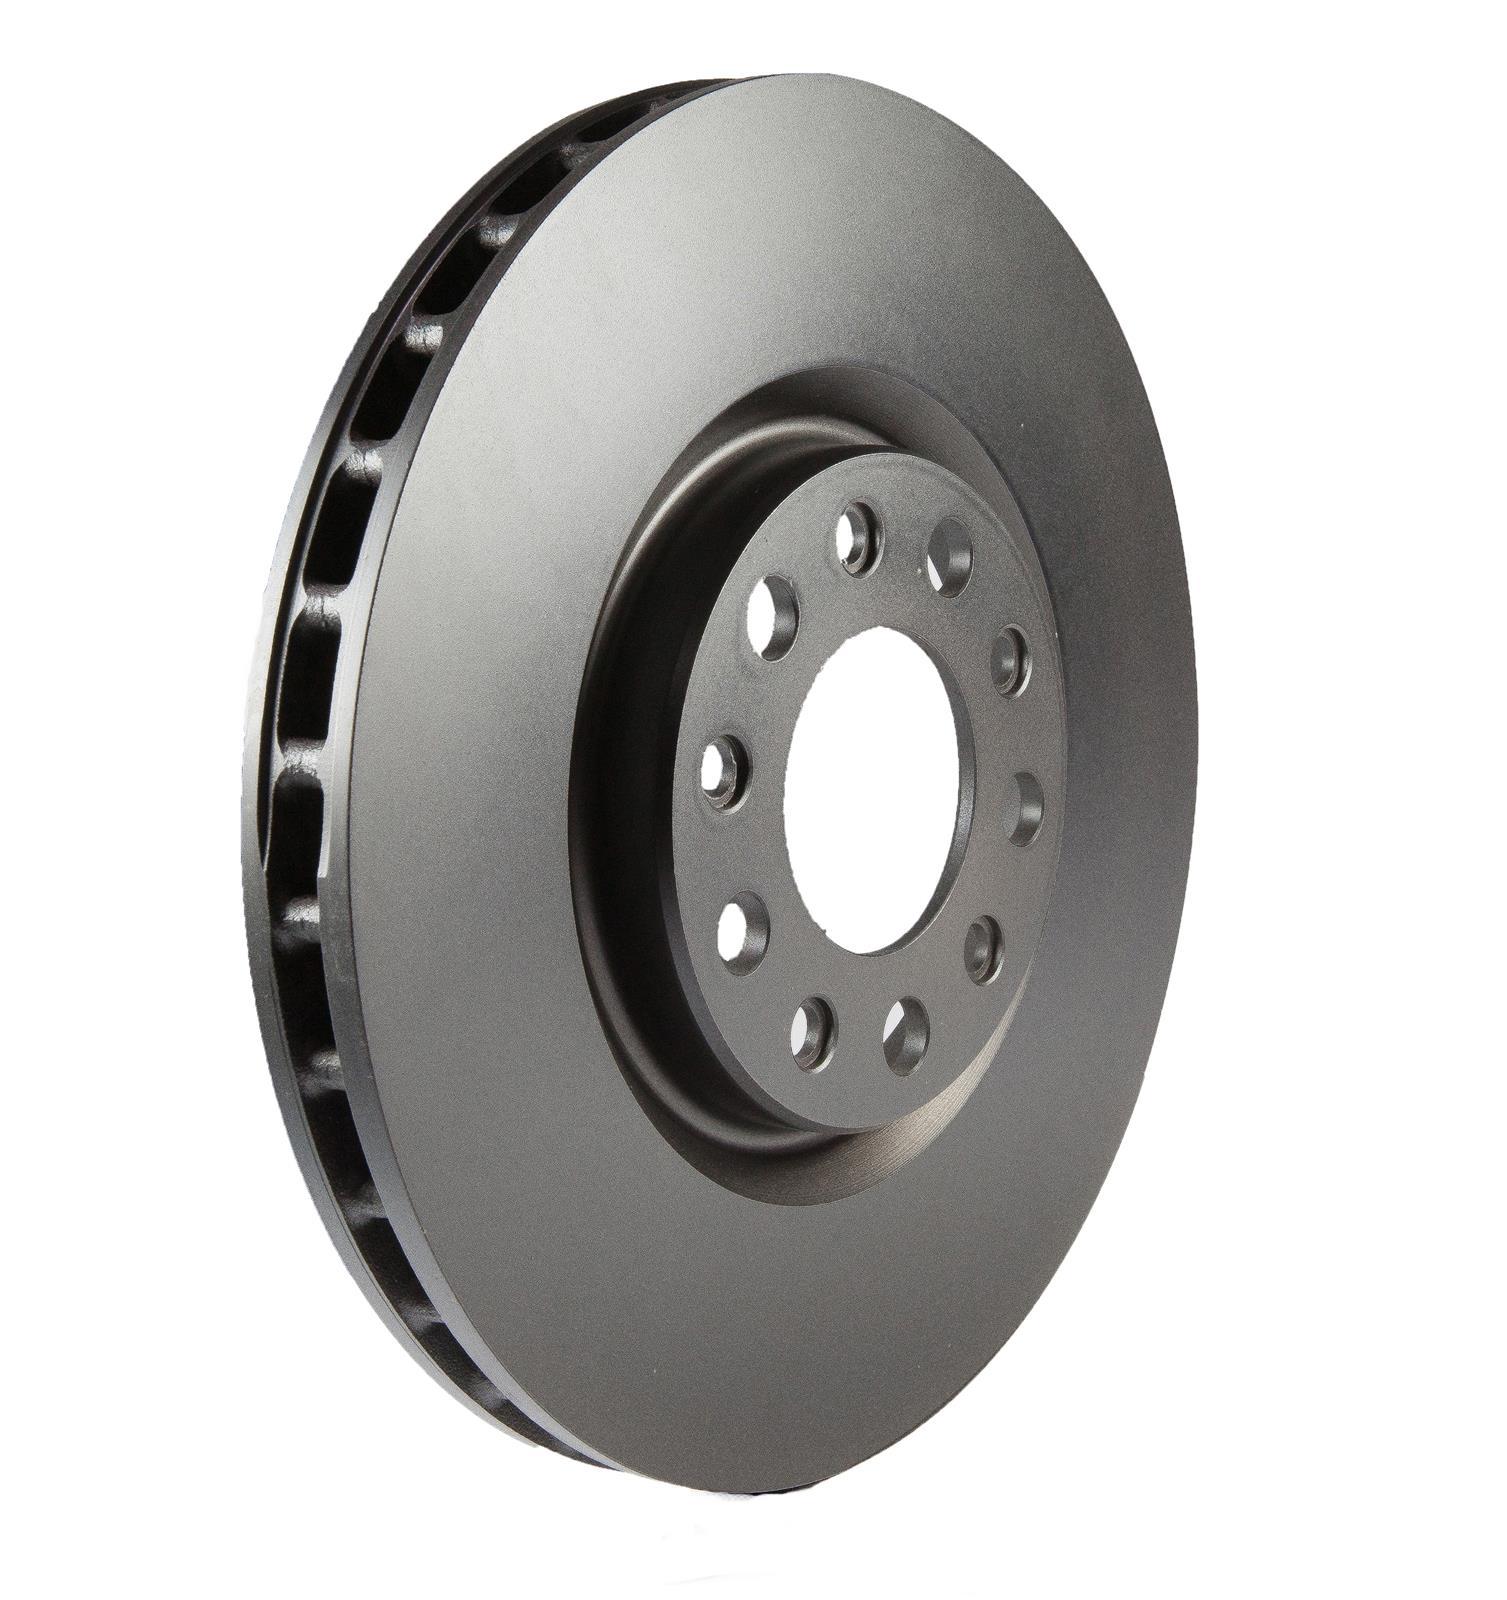 EBC Brakes RK7572 RK Series Premium OE Replacement Brake Rotor